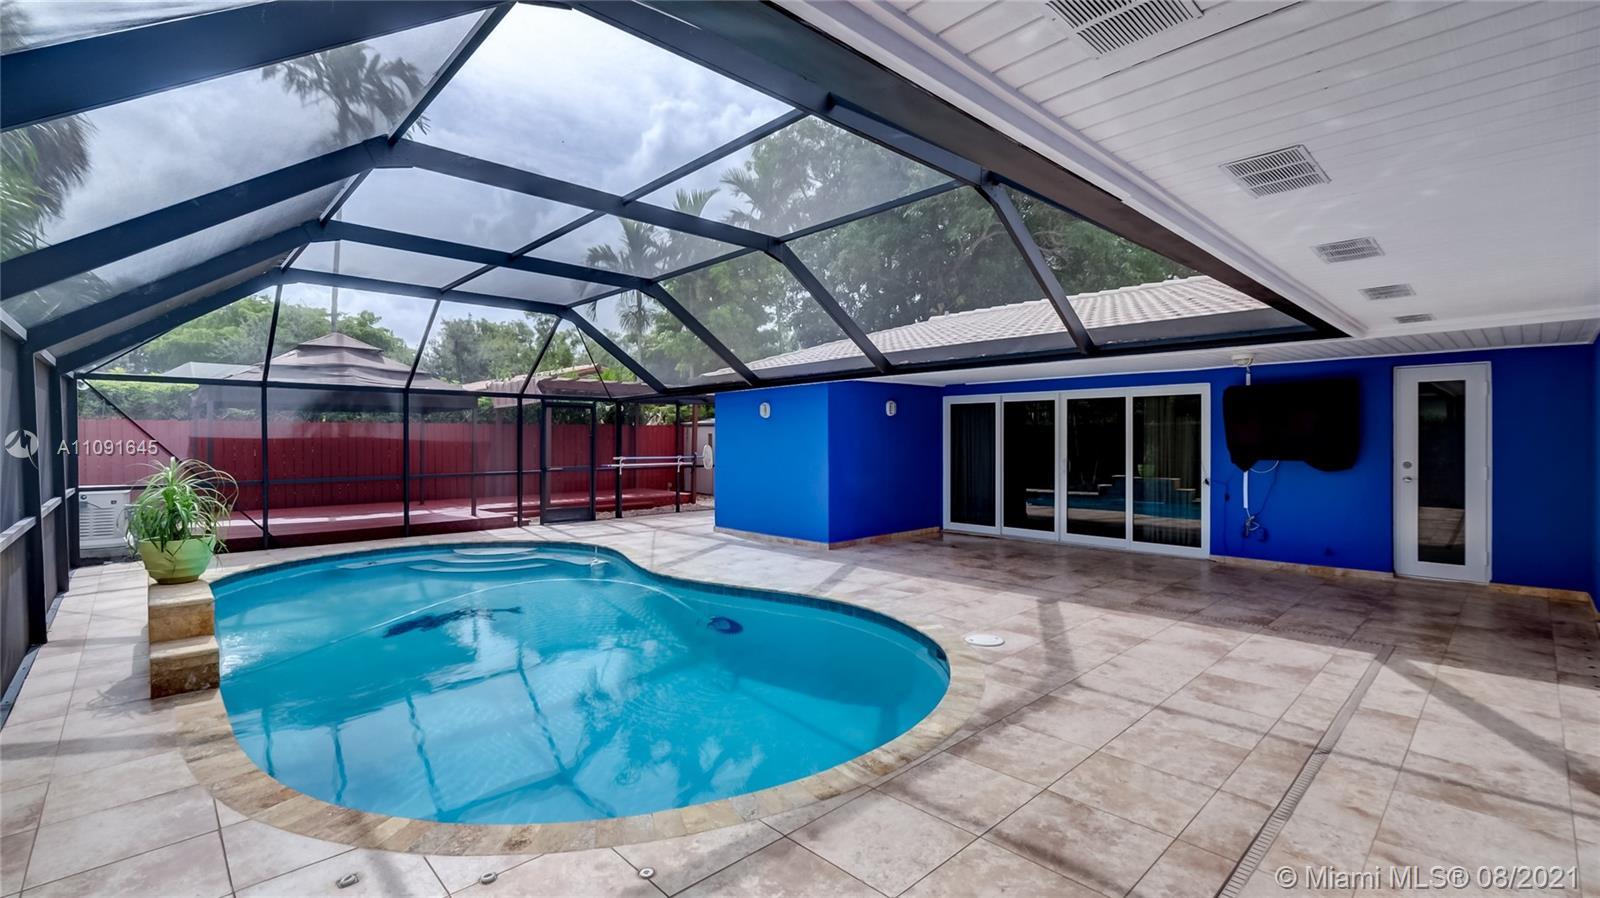 Miami Lakes - 14121 Cypress Ct, Miami Lakes, FL 33014